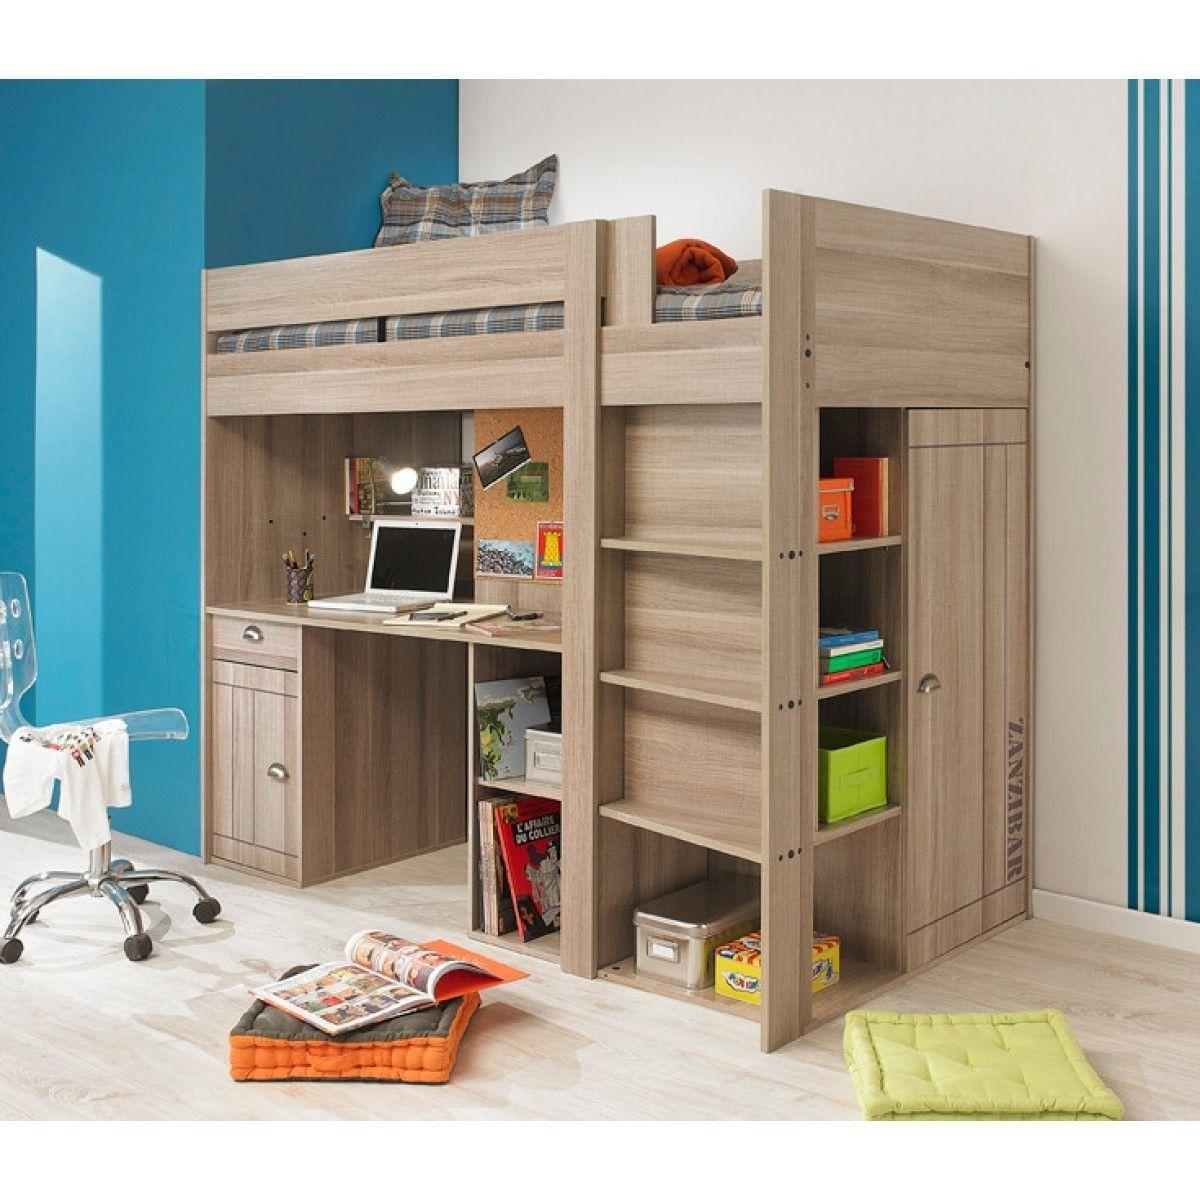 lit mezzanine enfant effet ch ne gris lm5001 90x200 bois. Black Bedroom Furniture Sets. Home Design Ideas